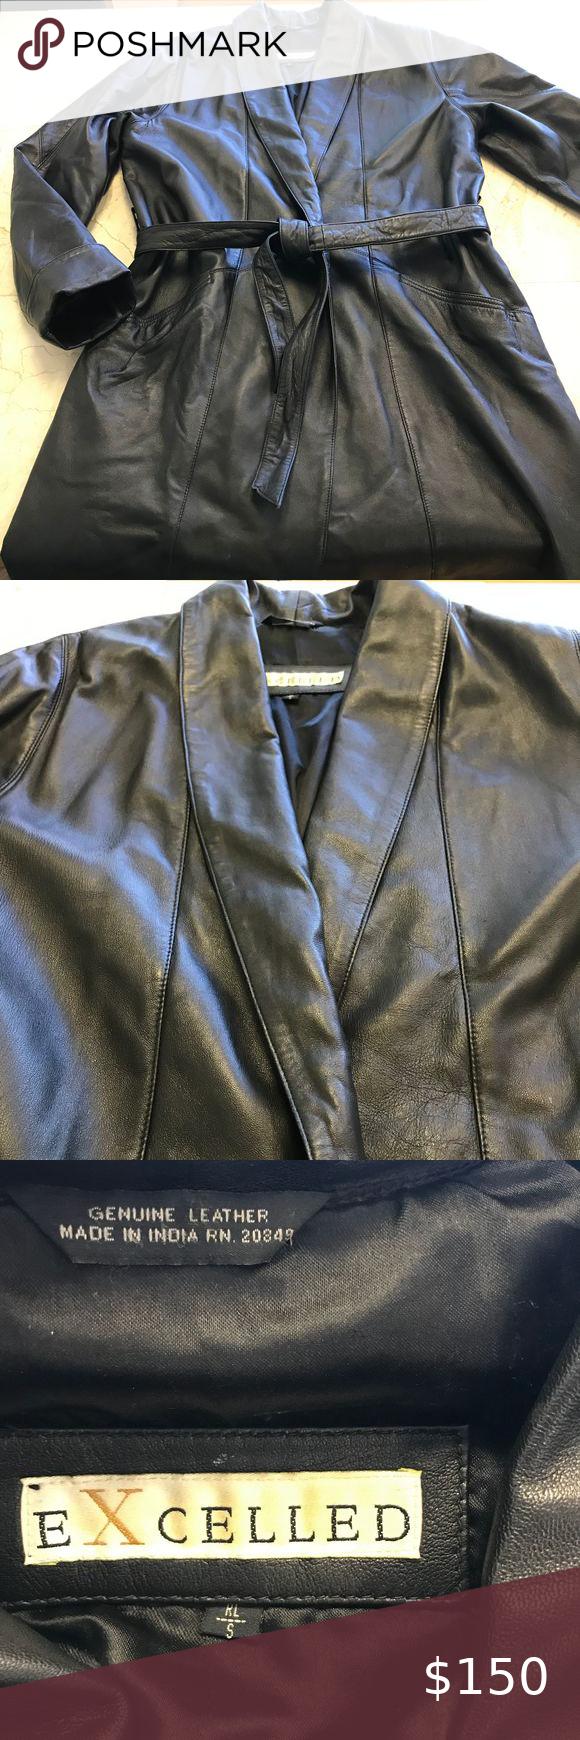 Vintage Kidskin Leather Coat Excelled Size Small Kidskin Leather Coat Colorful Coat [ 1740 x 580 Pixel ]